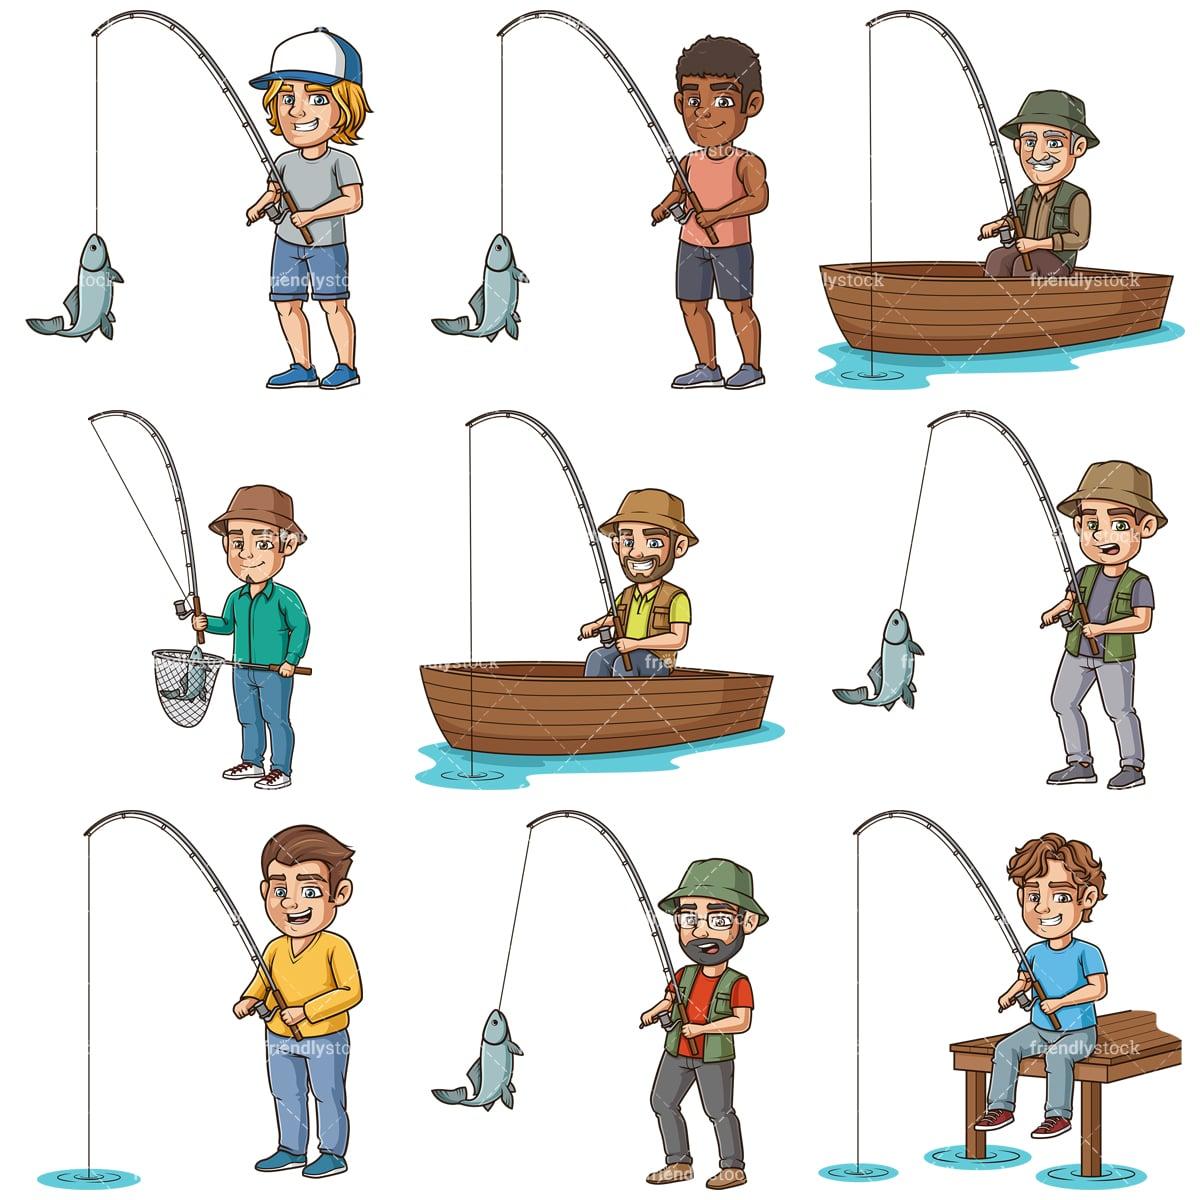 Cute cartoon boy fishing vector image on VectorStock | Cute cartoon boy, Boy  fishing, Cartoon boy